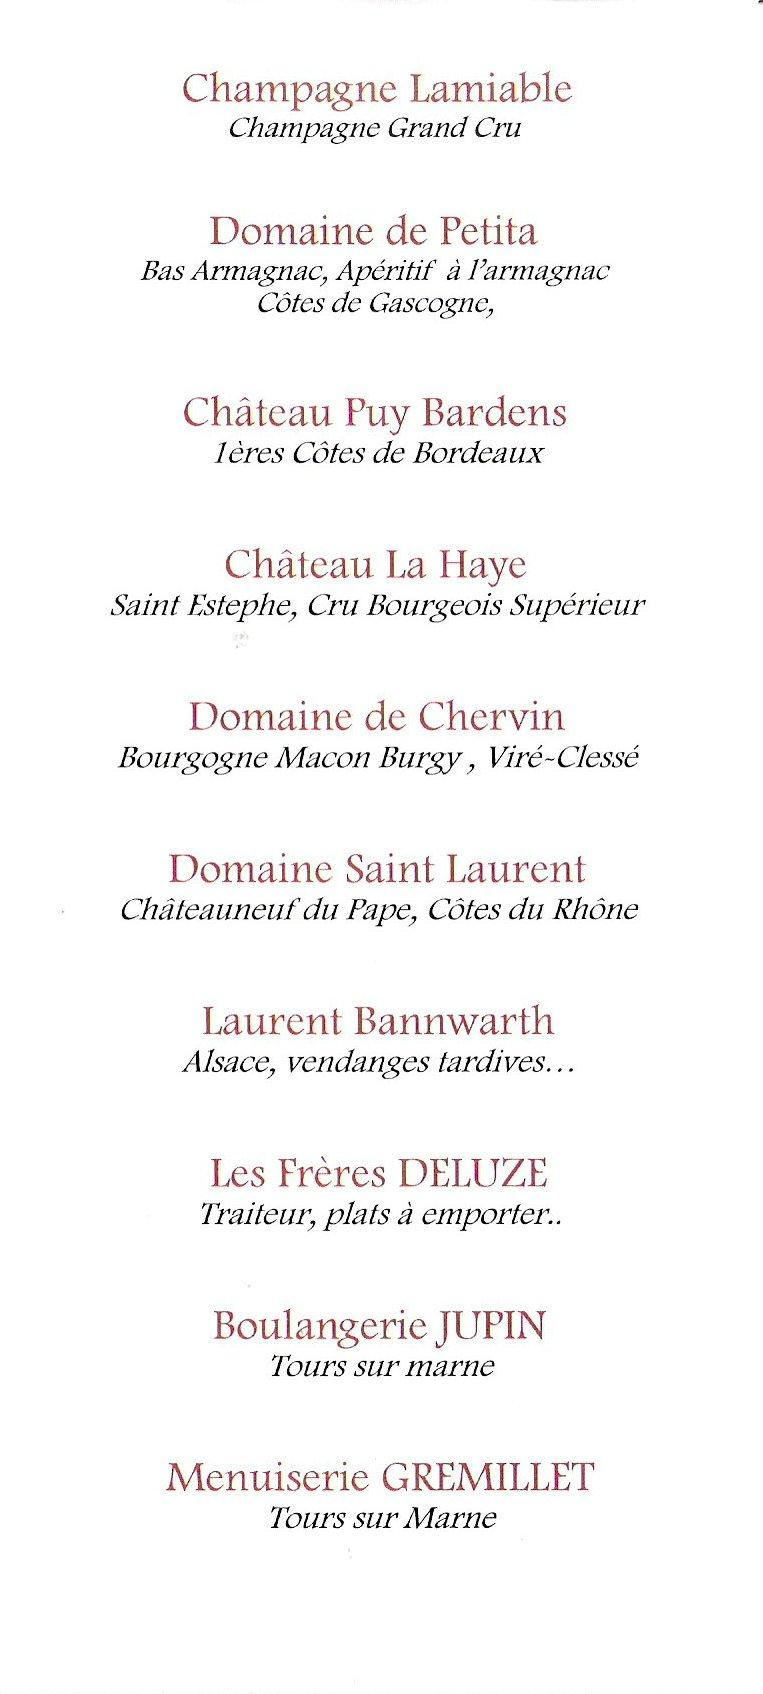 Virée en Champagne le 21/06 Lamiab15